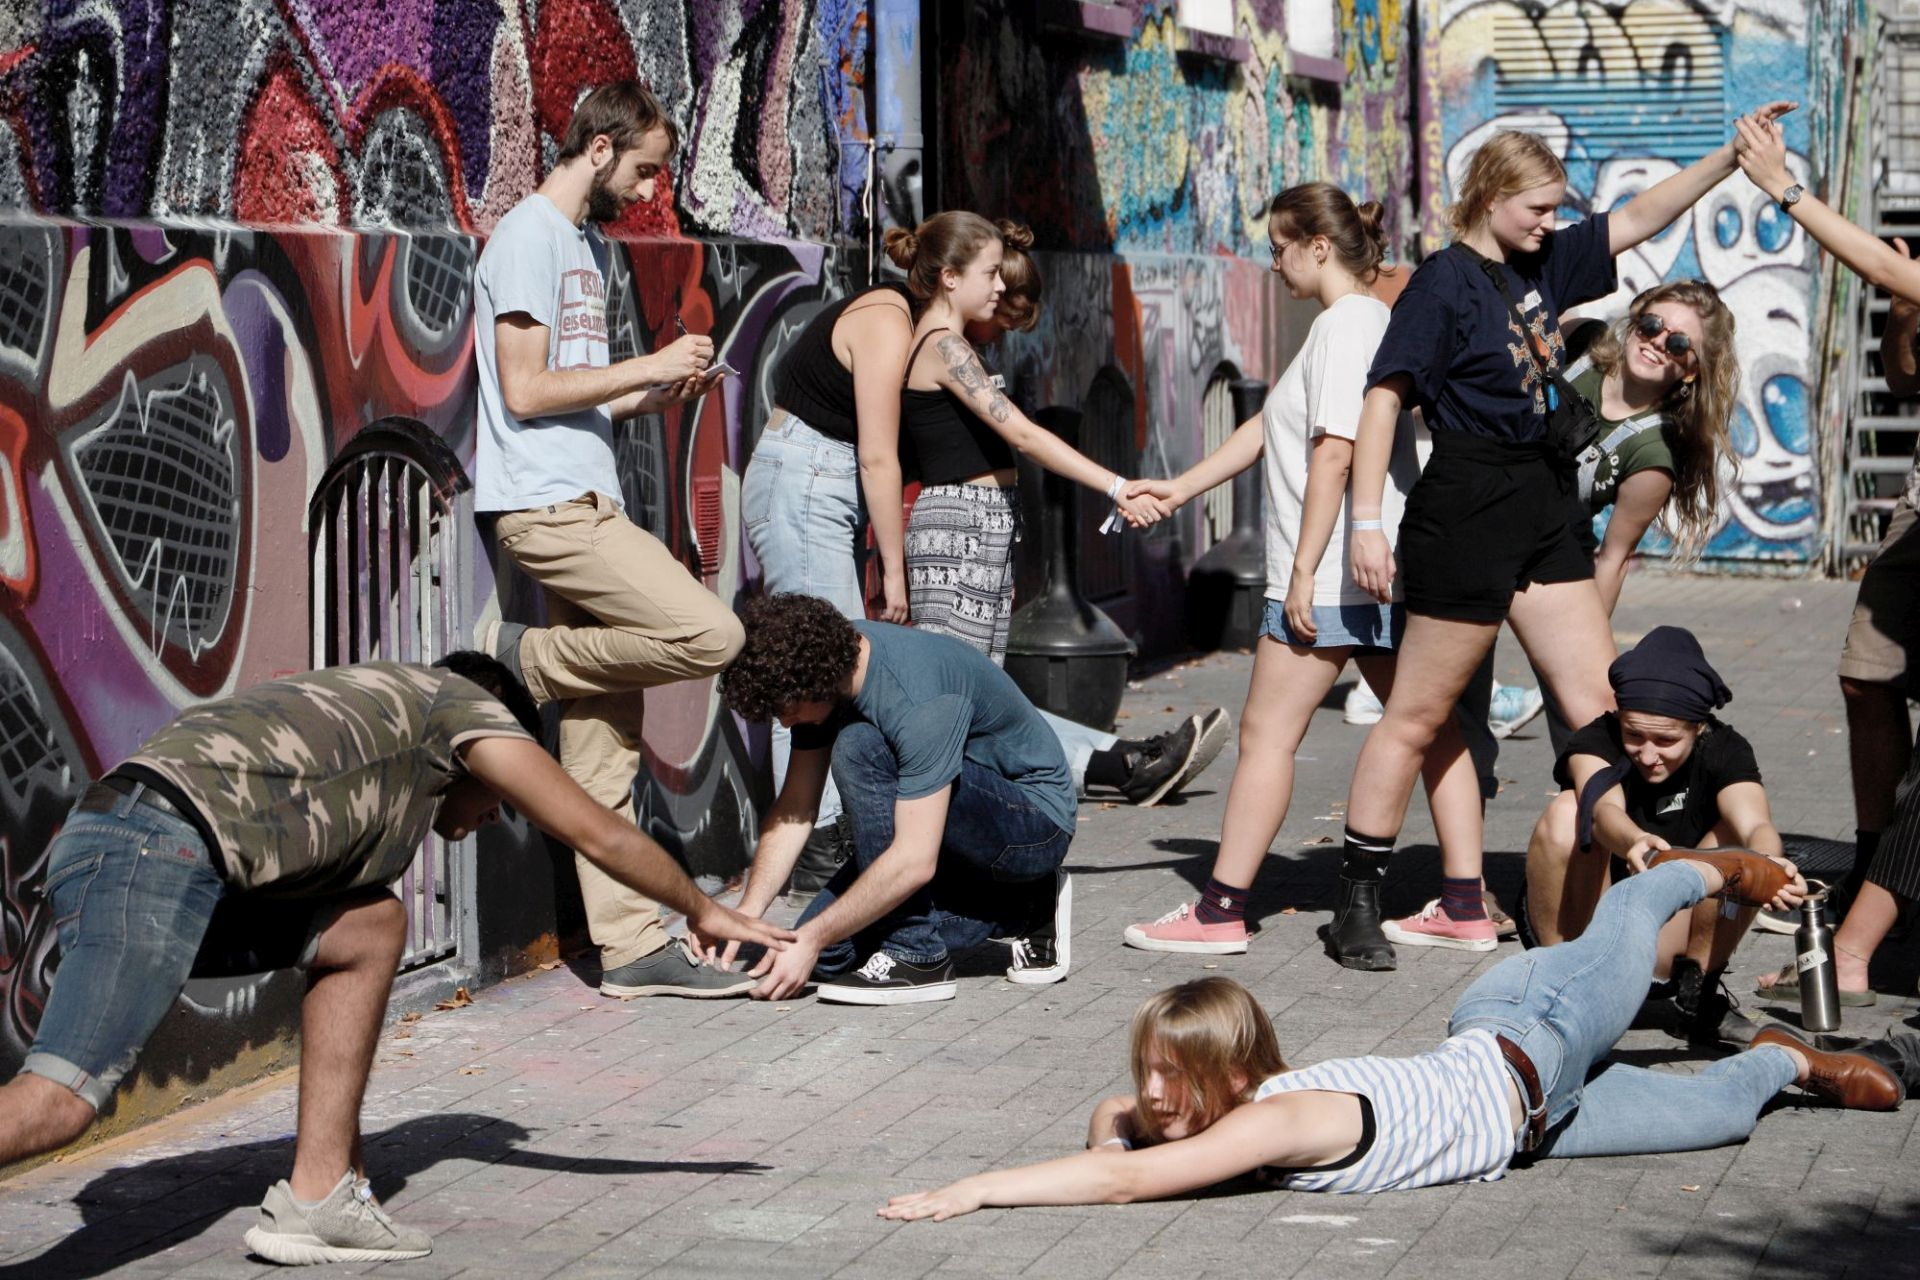 Jugendliche stehen und sitzen in unterschiedlichen Posen vor eine Graffiti-Wand